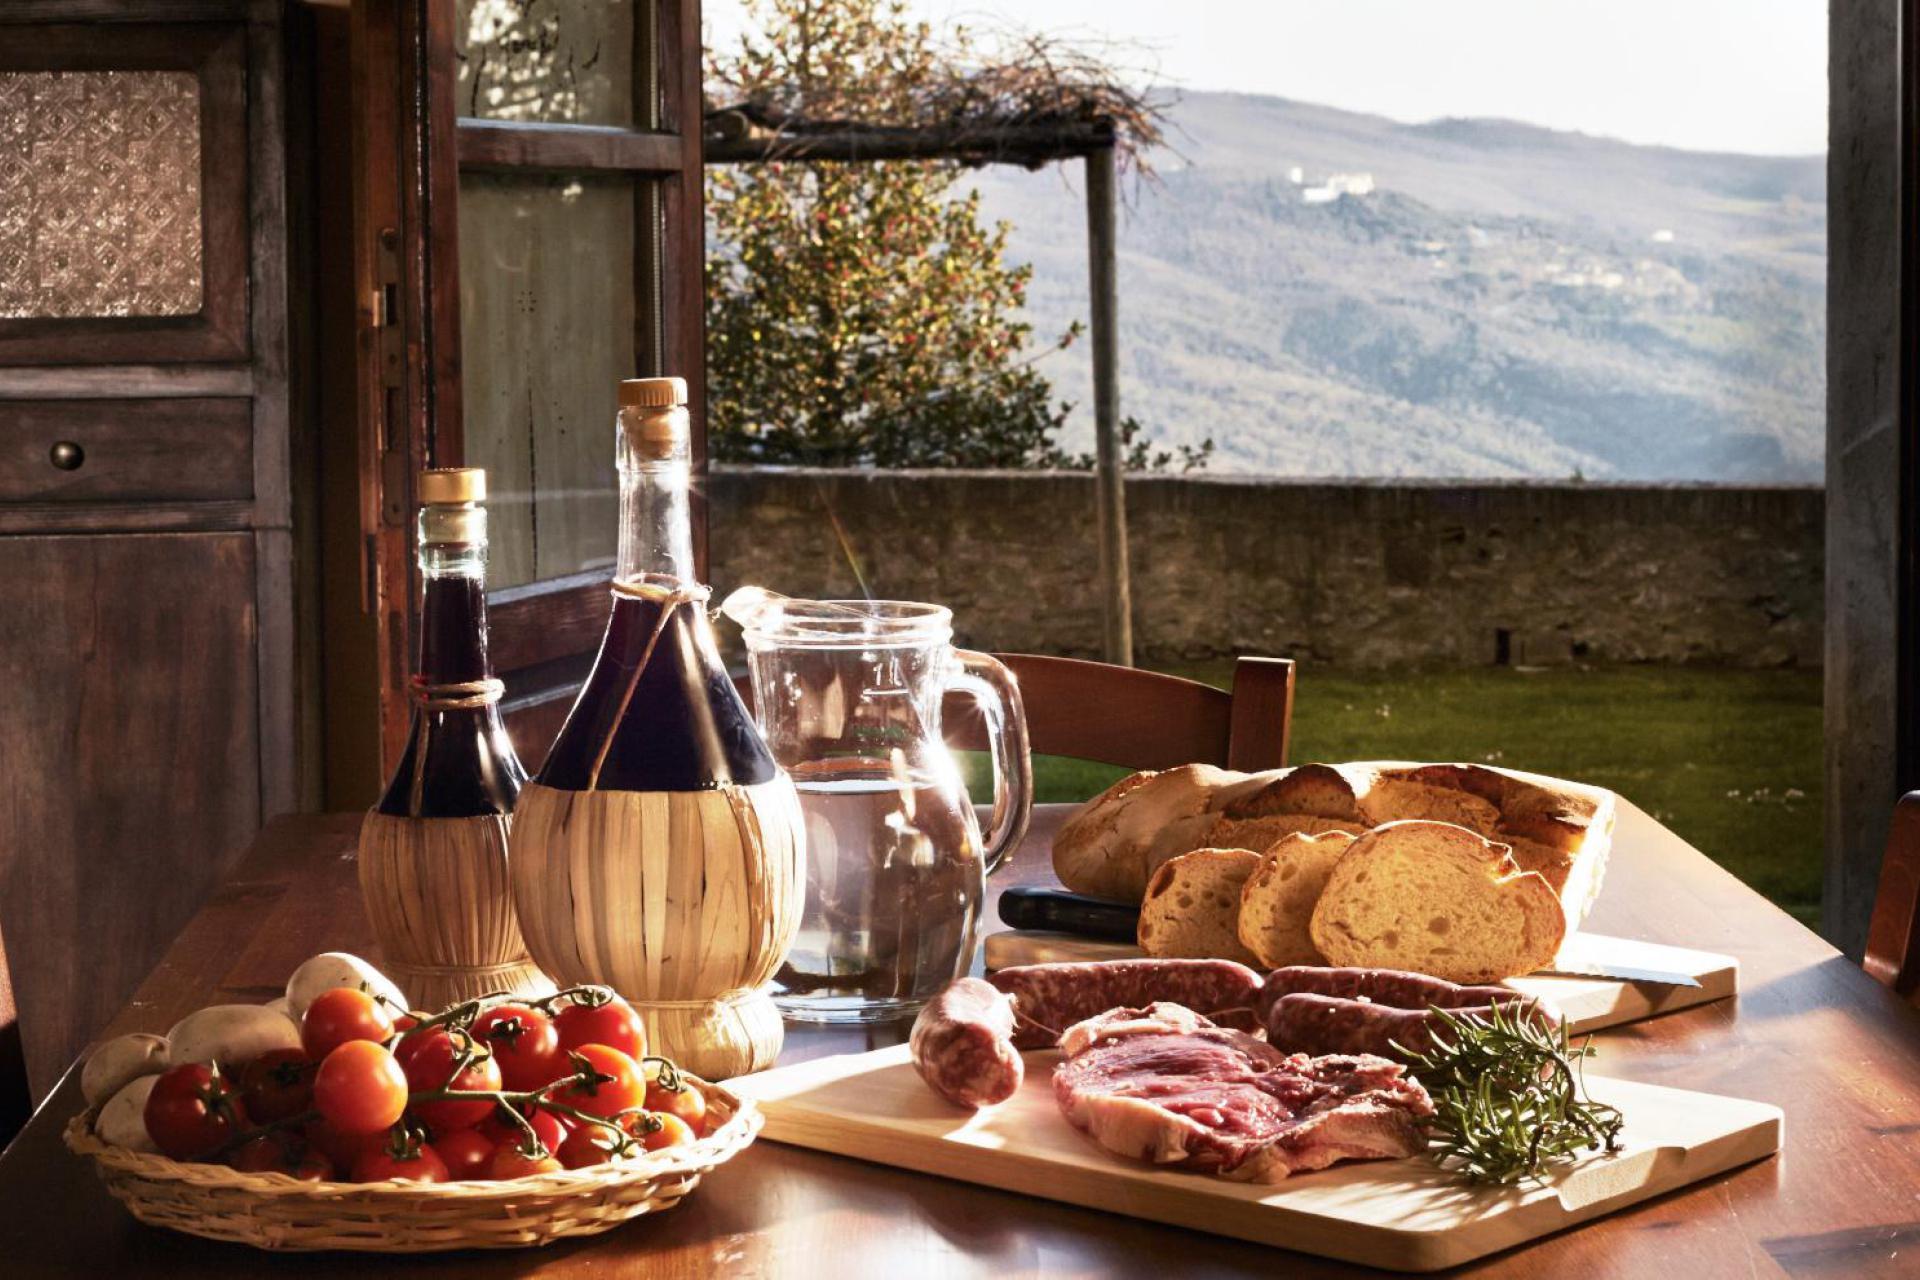 Agriturismo Sizilien Große sizilianische Gastfreundschaft und Meerblick!